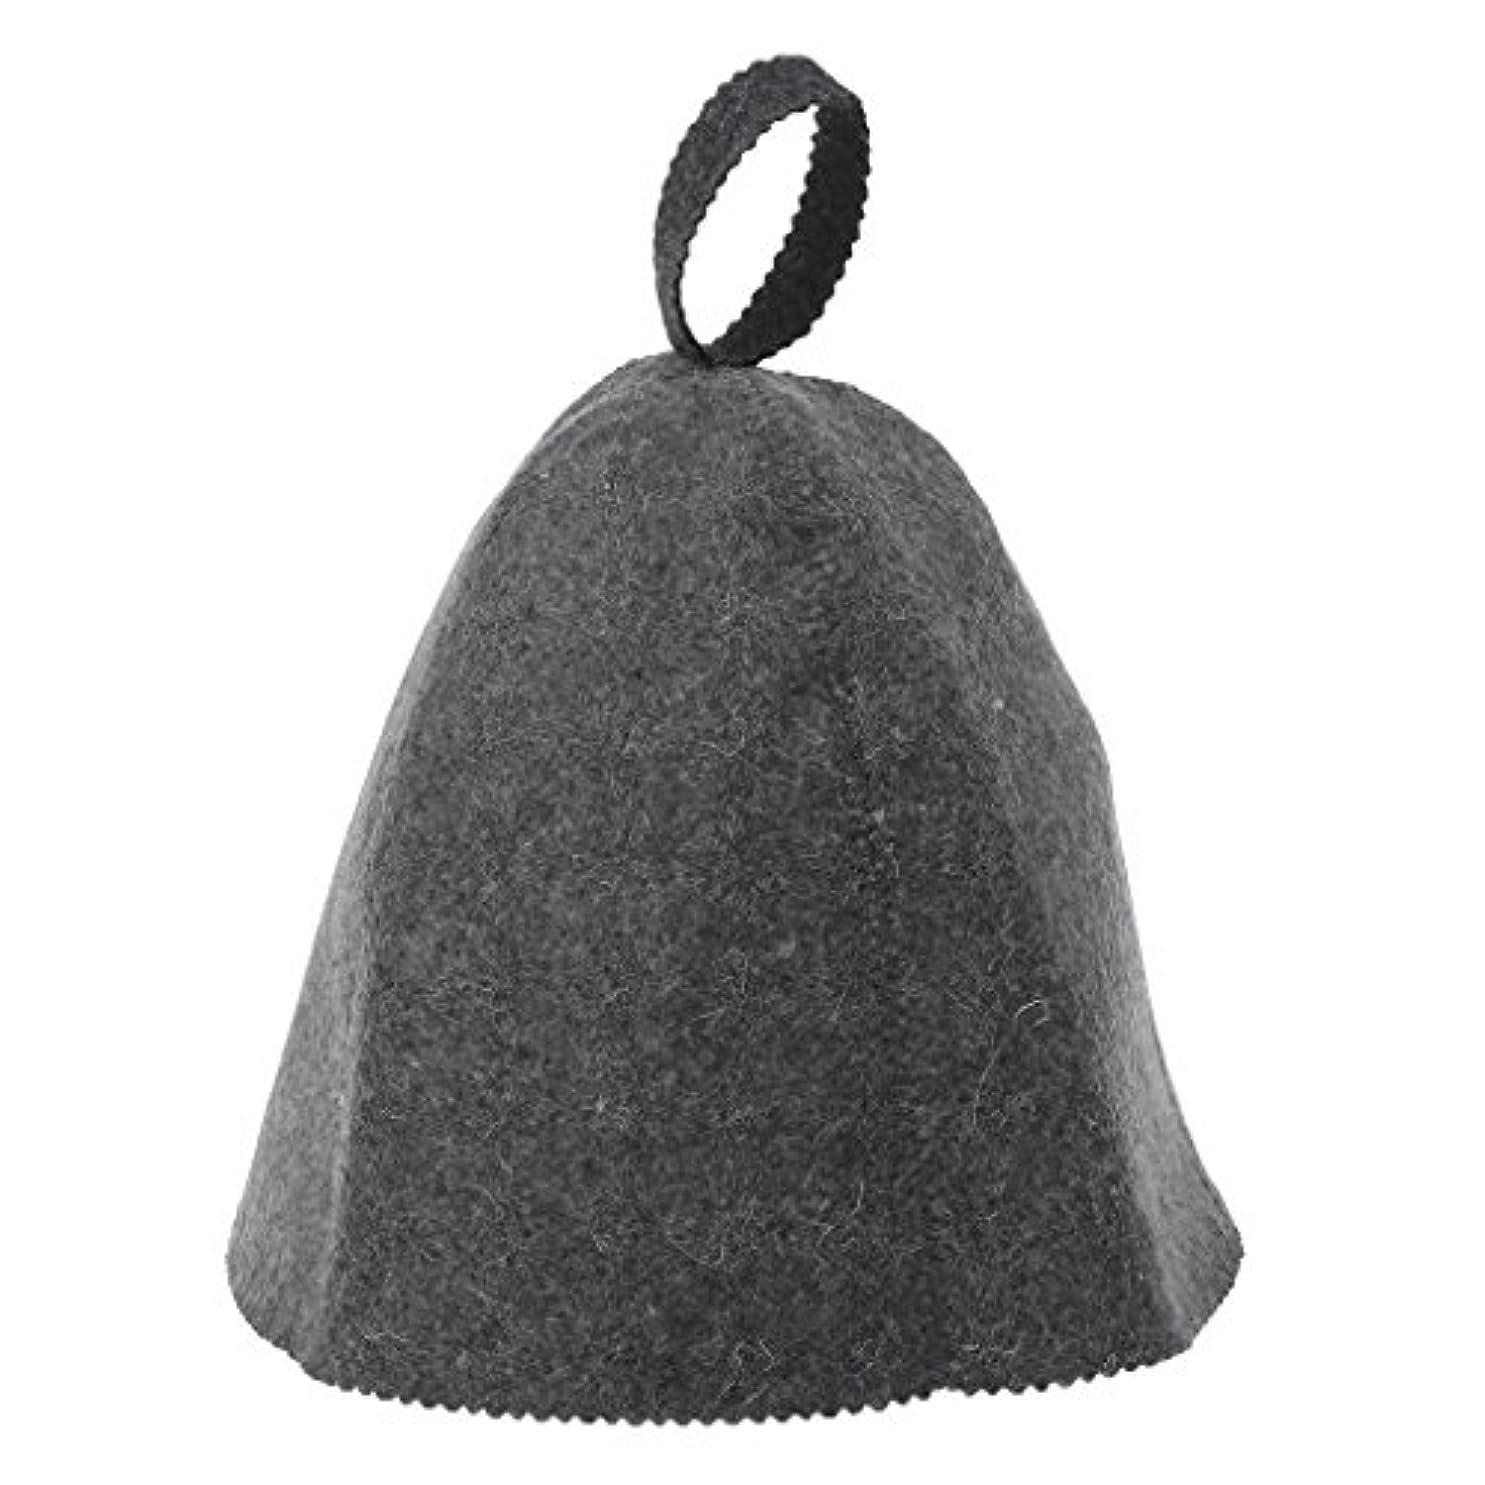 レギュラー旧正月コーラスLANDUMのウールのフェルトのサウナの帽子、浴室の家の頭部の保護のための反熱ロシアのバニヤ帽子